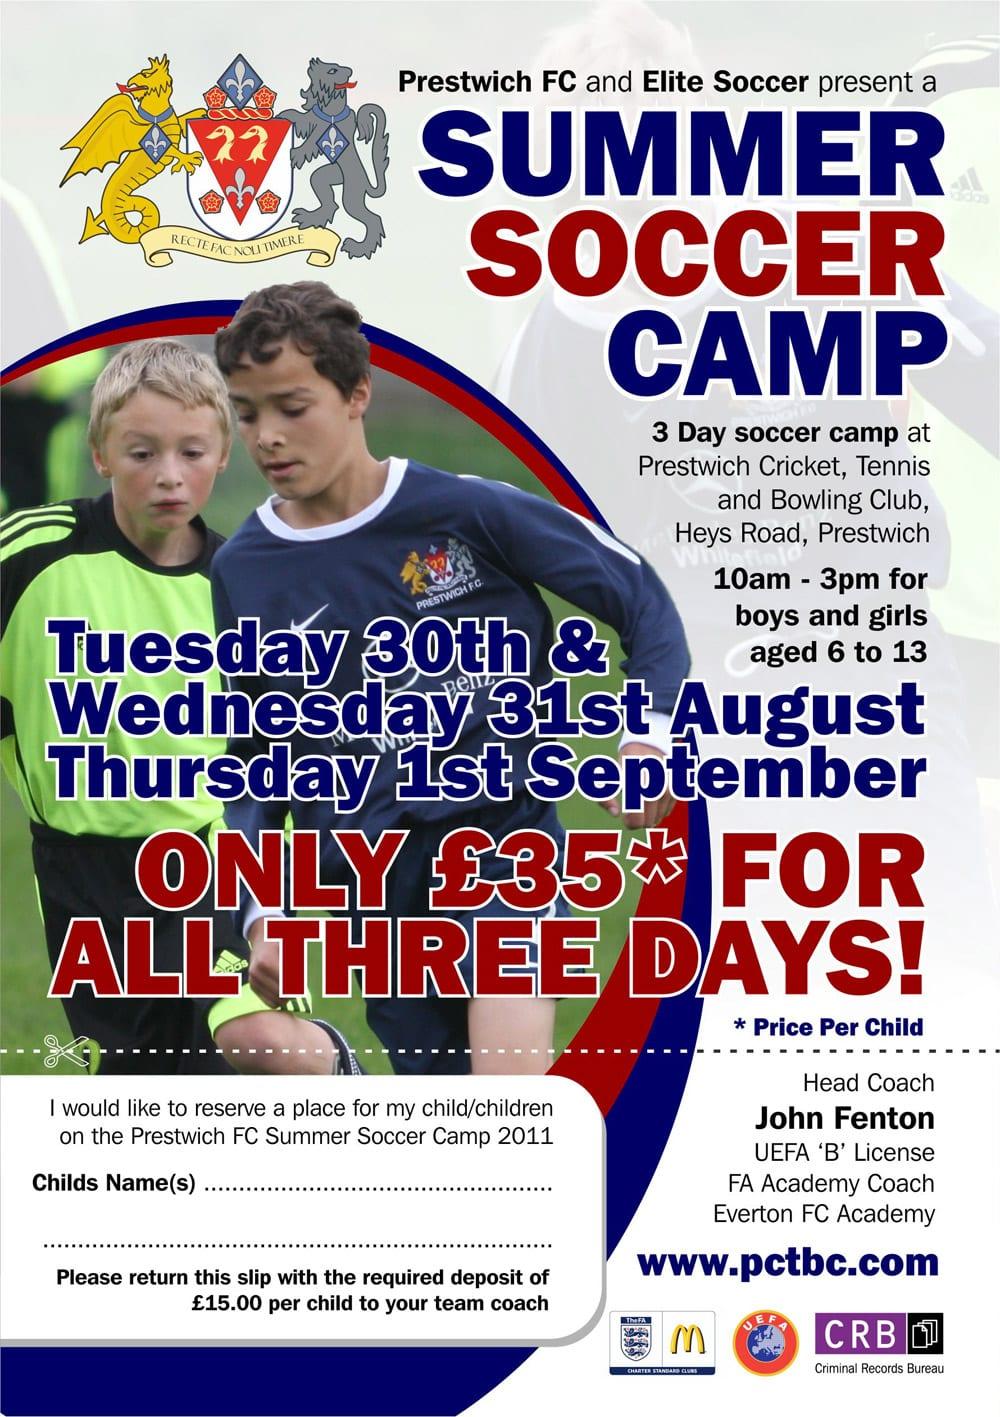 Summer Soccer Camp Prestwich Cricket Tennis Bowling Club